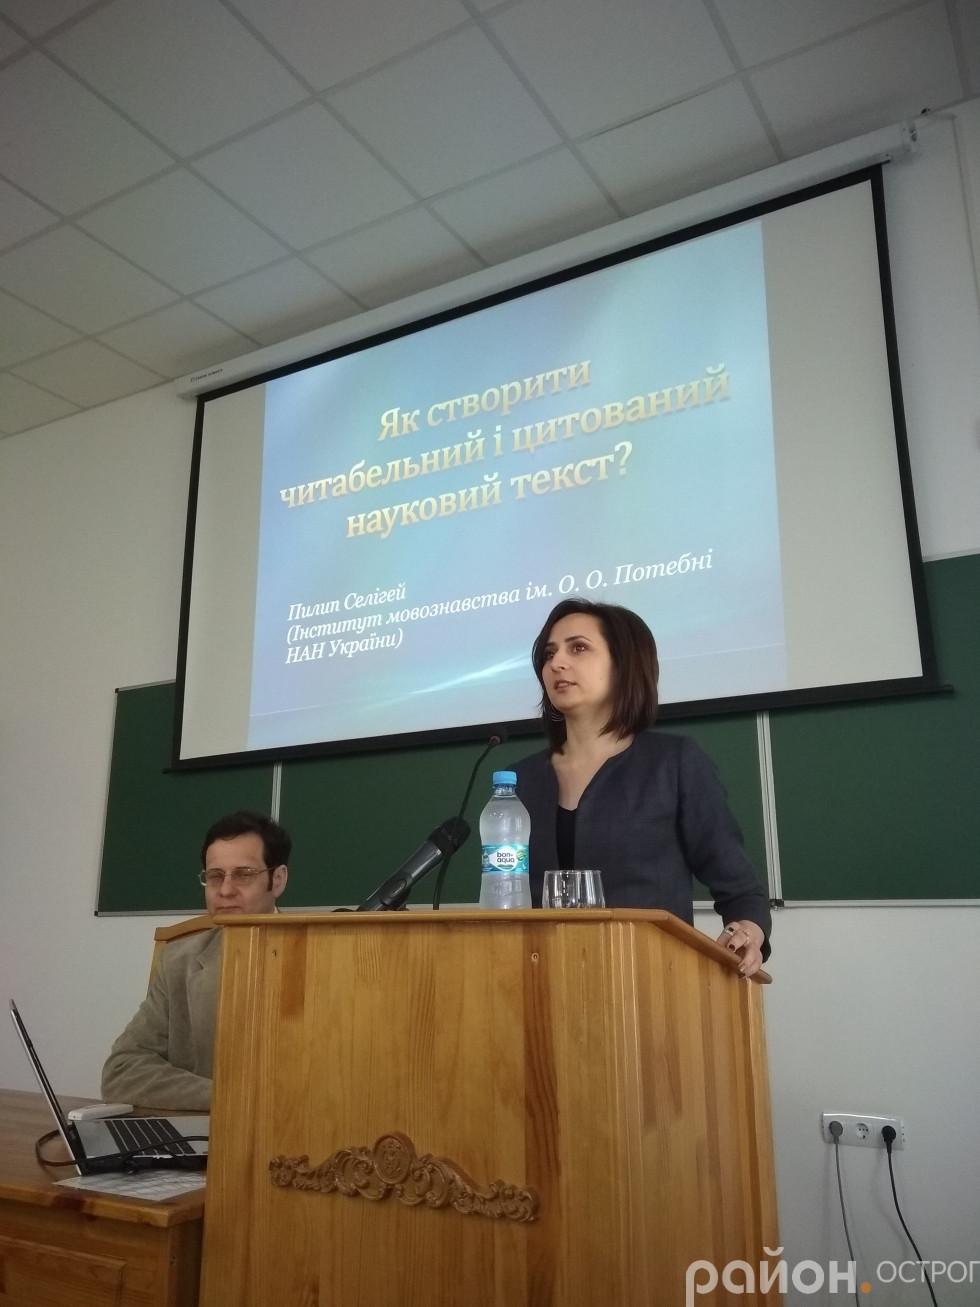 Вікторія Волинчук представляє гостя університету